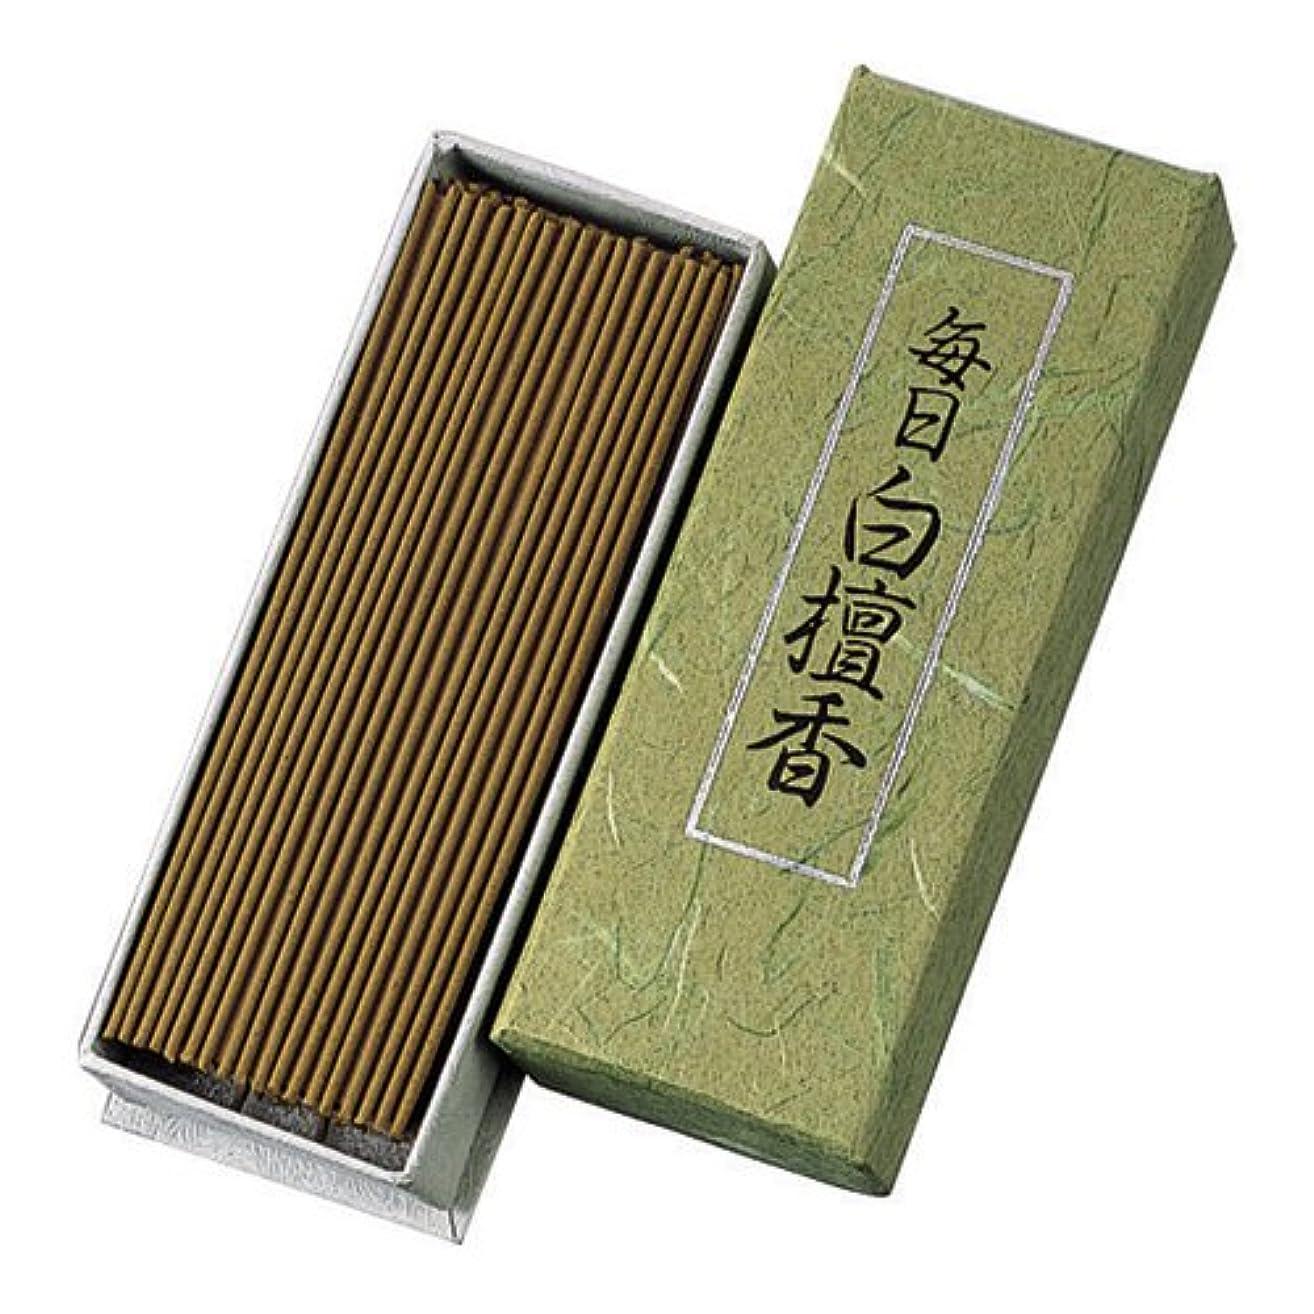 中に常識Nippon Kodo – Mainichi Byakudan – Sandalwood Incense 150 sticks